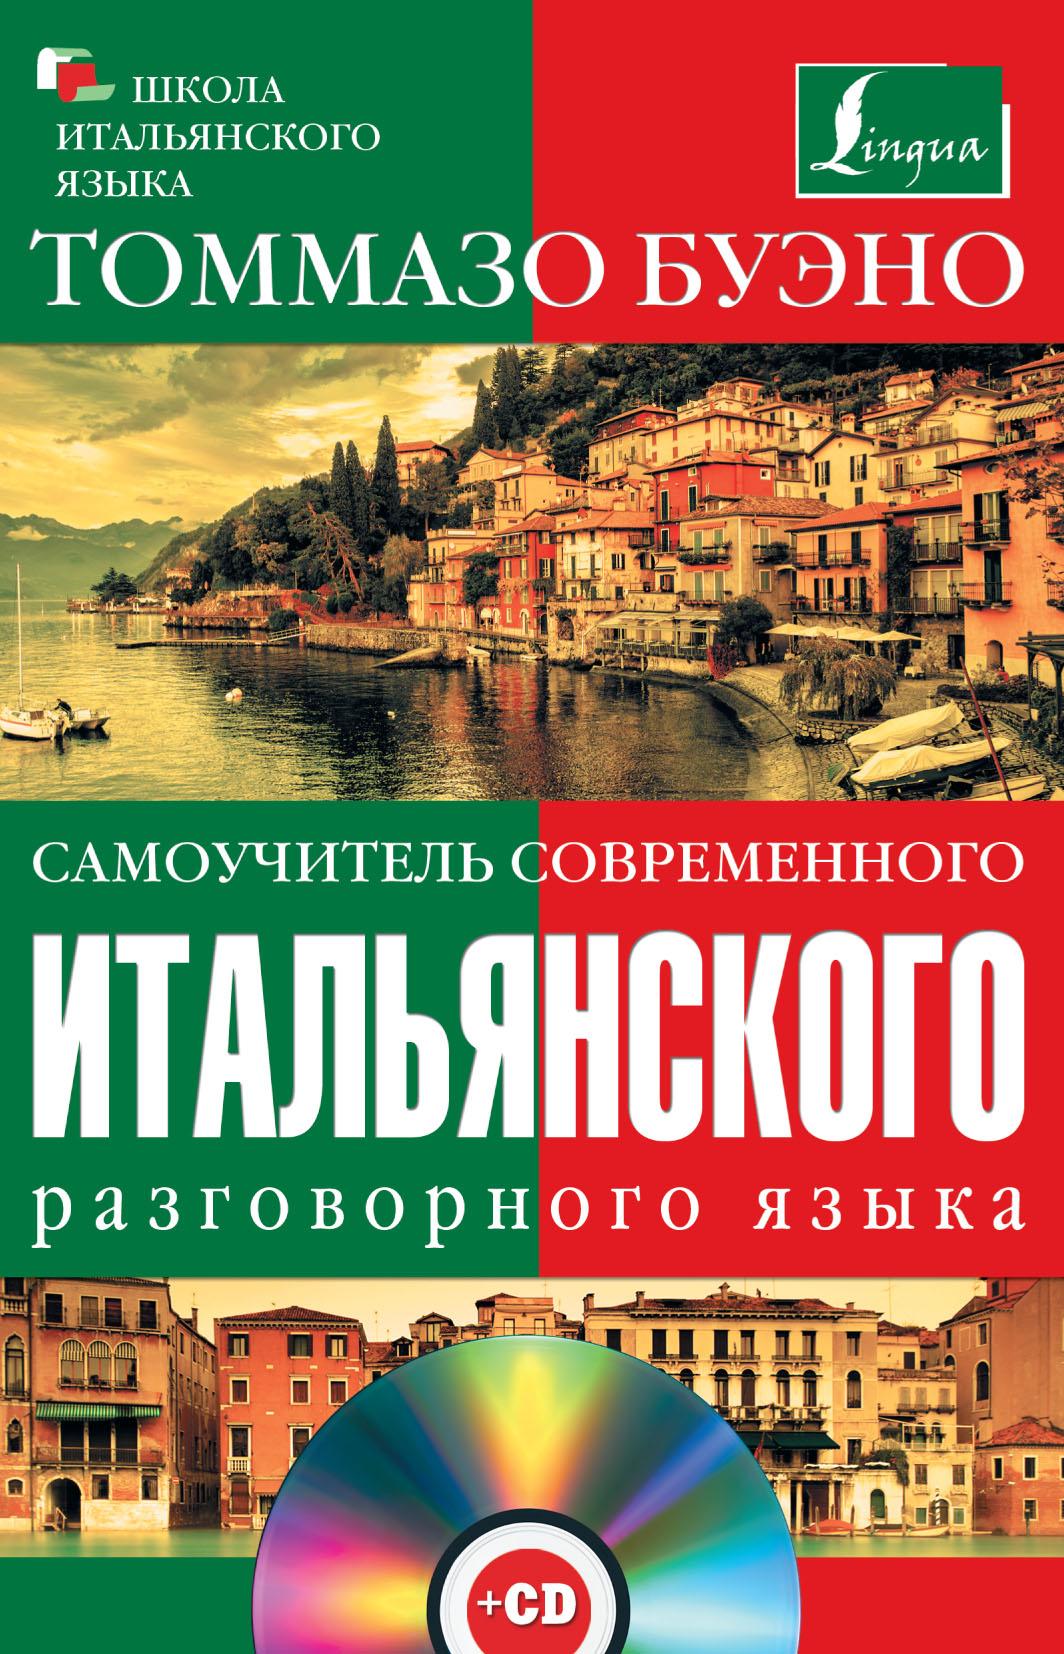 Томмазо Буэно Самоучитель современного итальянского разговорного языка буэно томмазо самоучитель современного итальянского языка cd